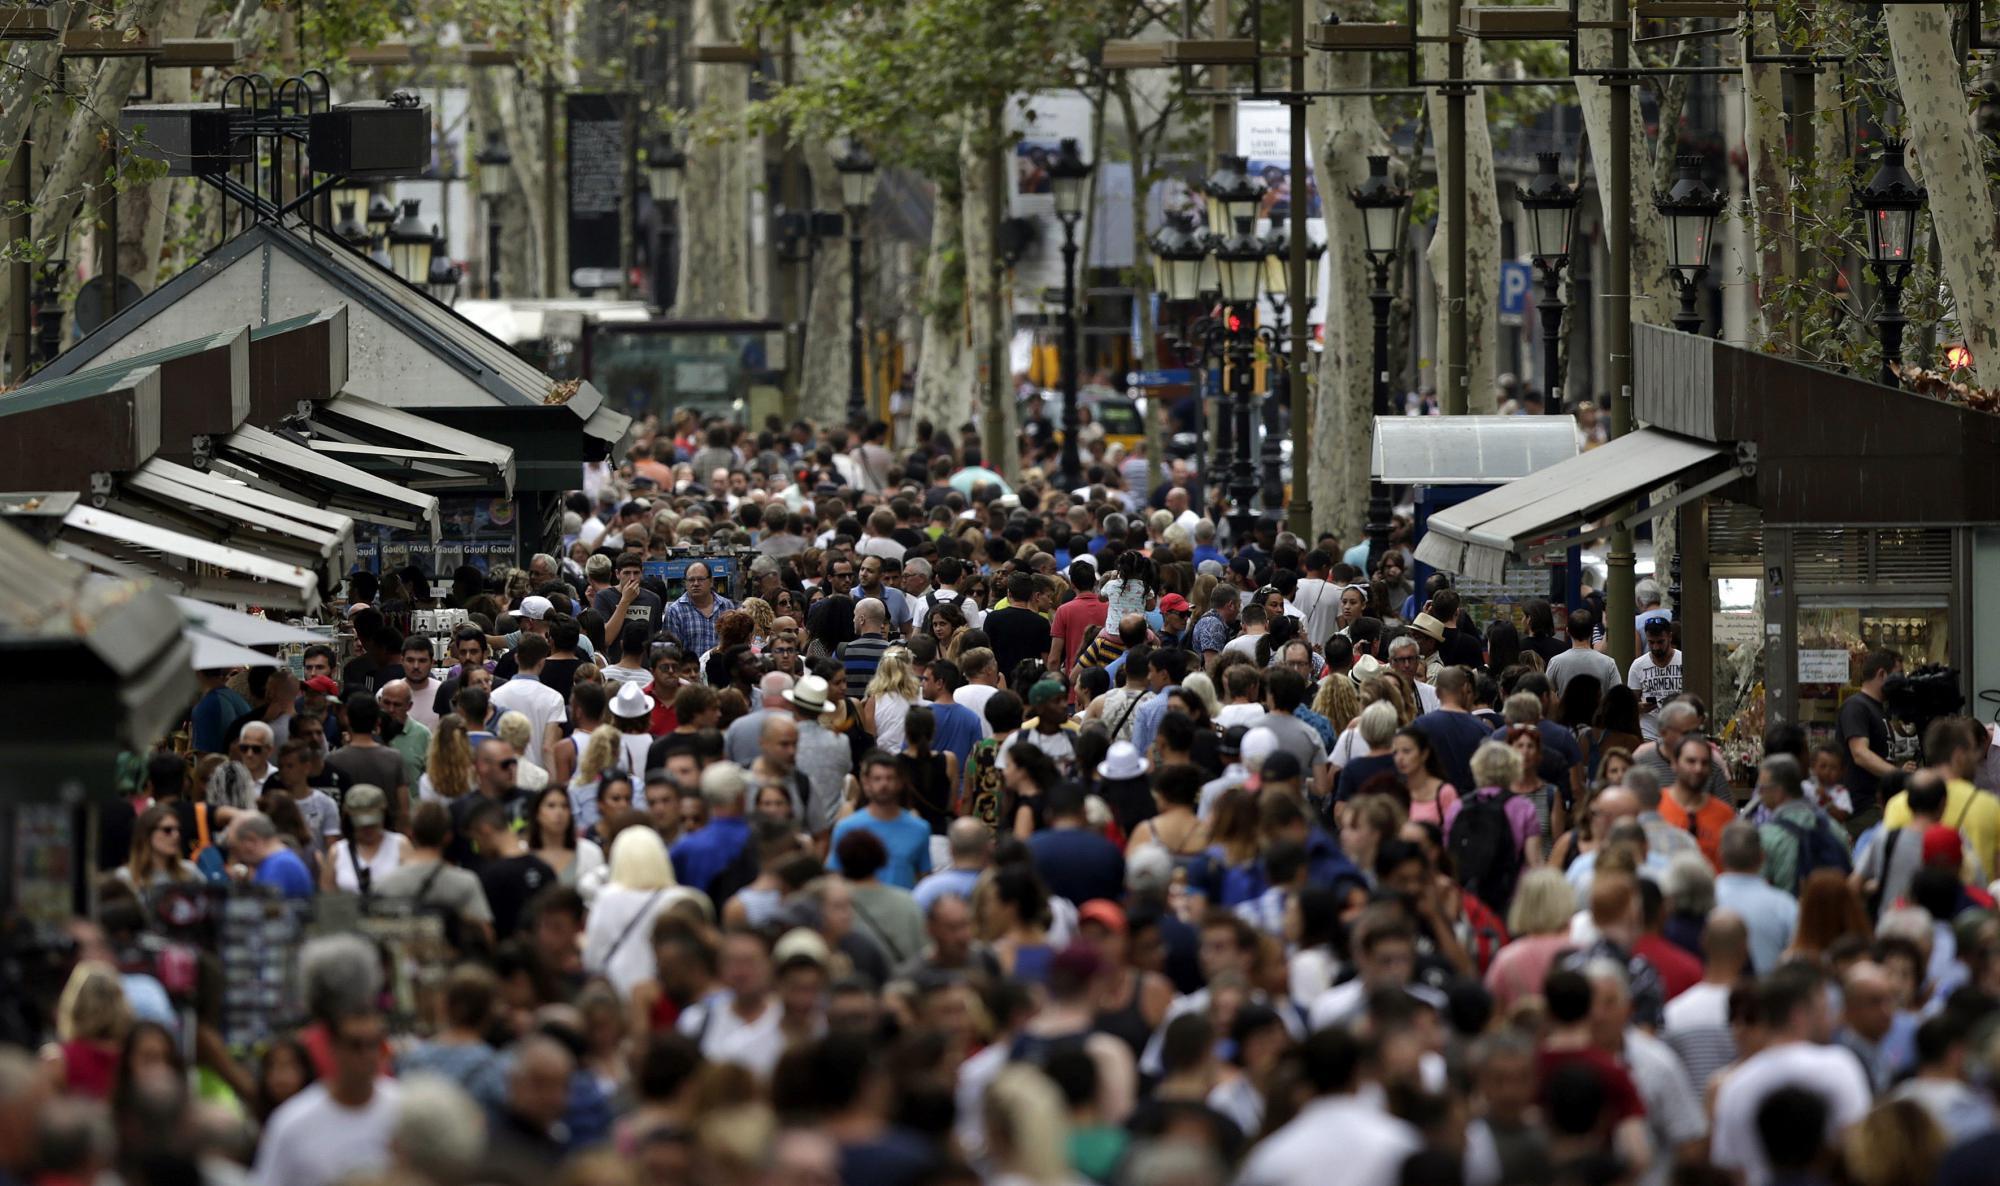 Barcelona es la primera ciudad turística de España, según el índice de Exceltur / EFE: Alberto Estévez